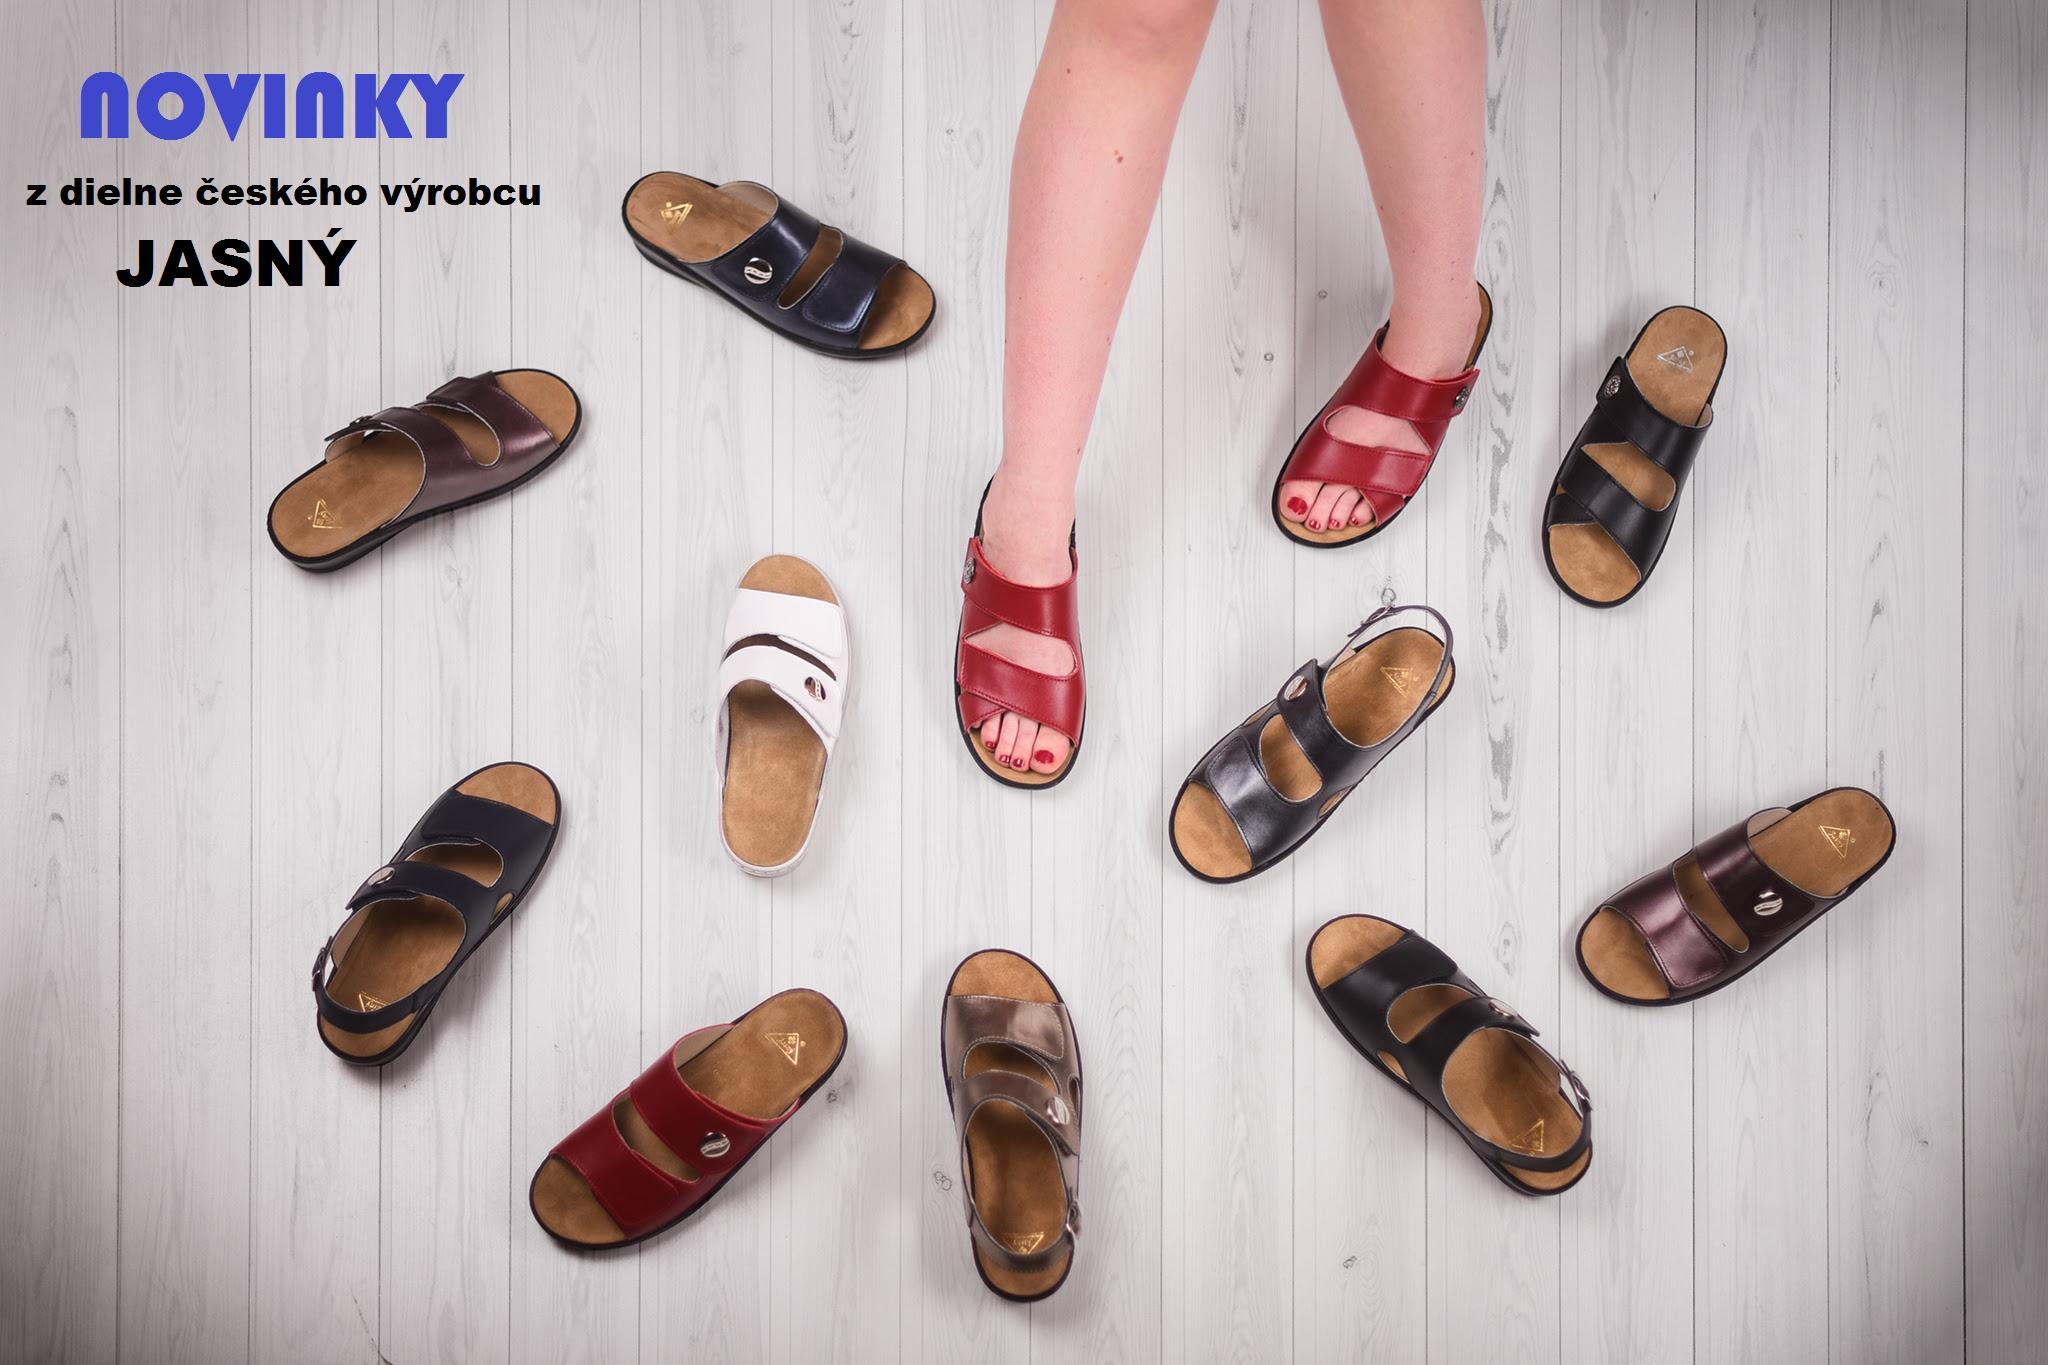 novinky dámskej zdravotnej obuvi s vyberateľnou ortopedickou stiekou